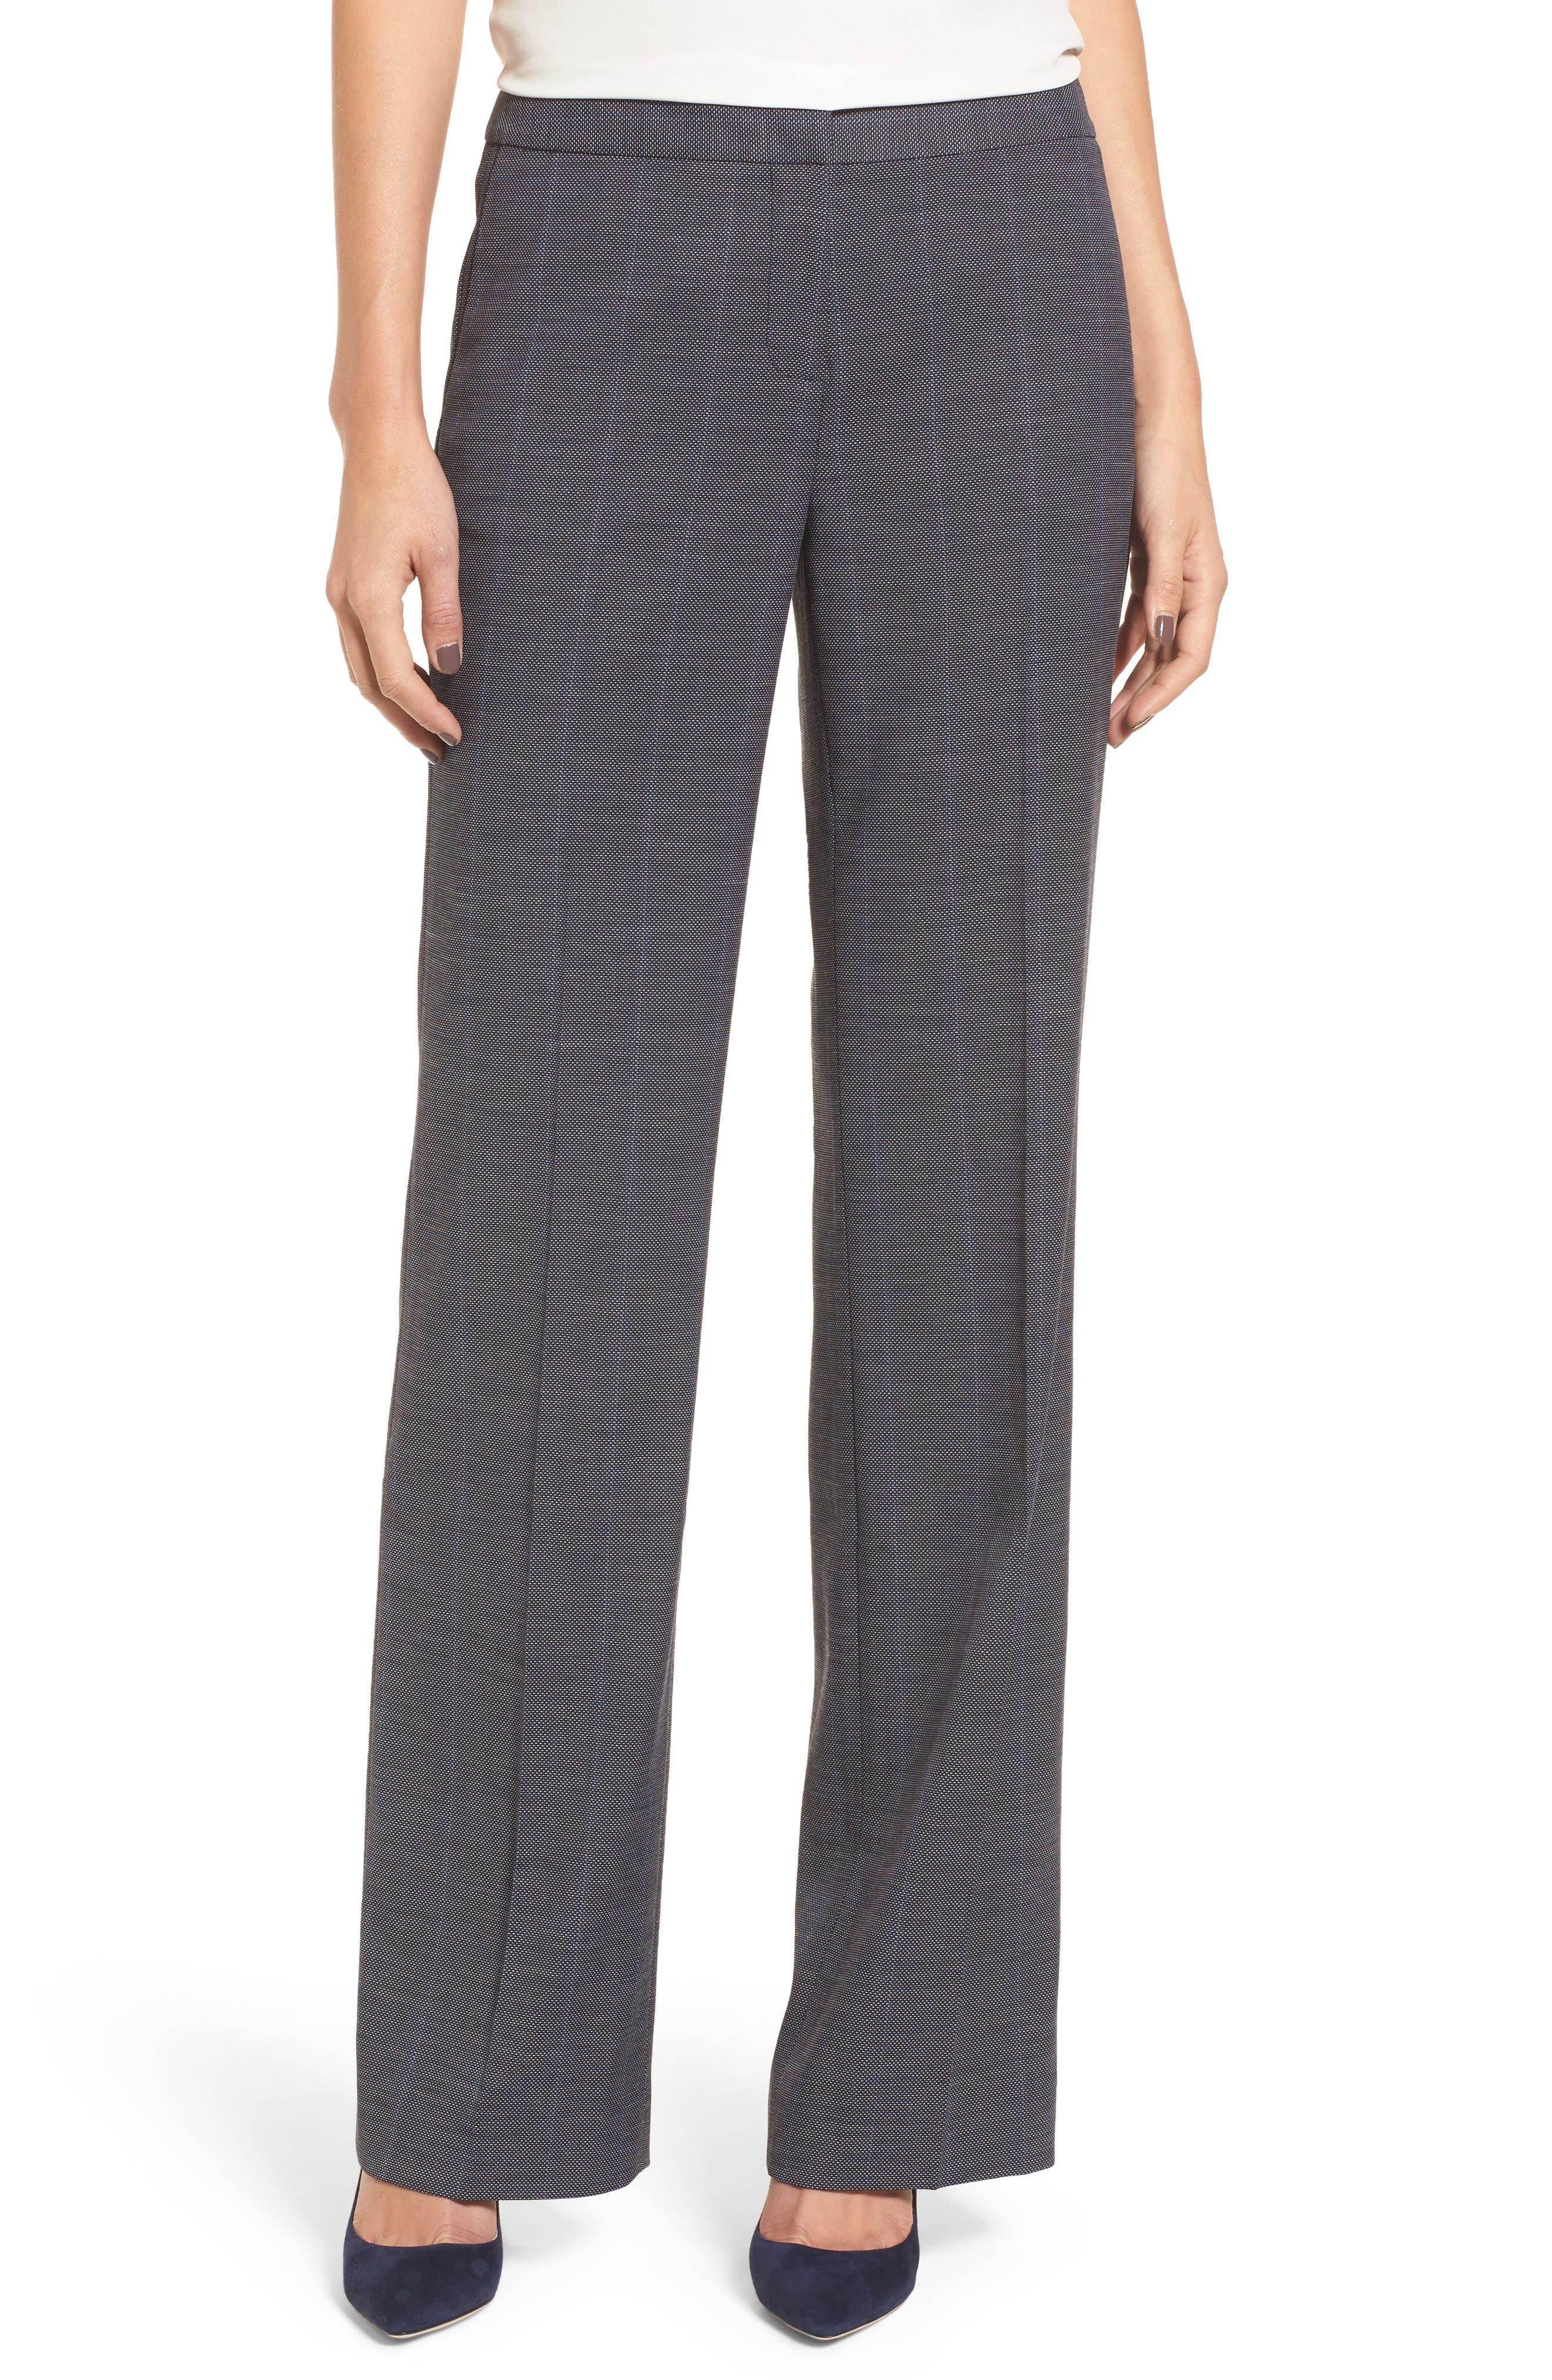 Cross Dye Suit Pants,                             Main thumbnail 1, color,                             Navy Crossdye Pattern